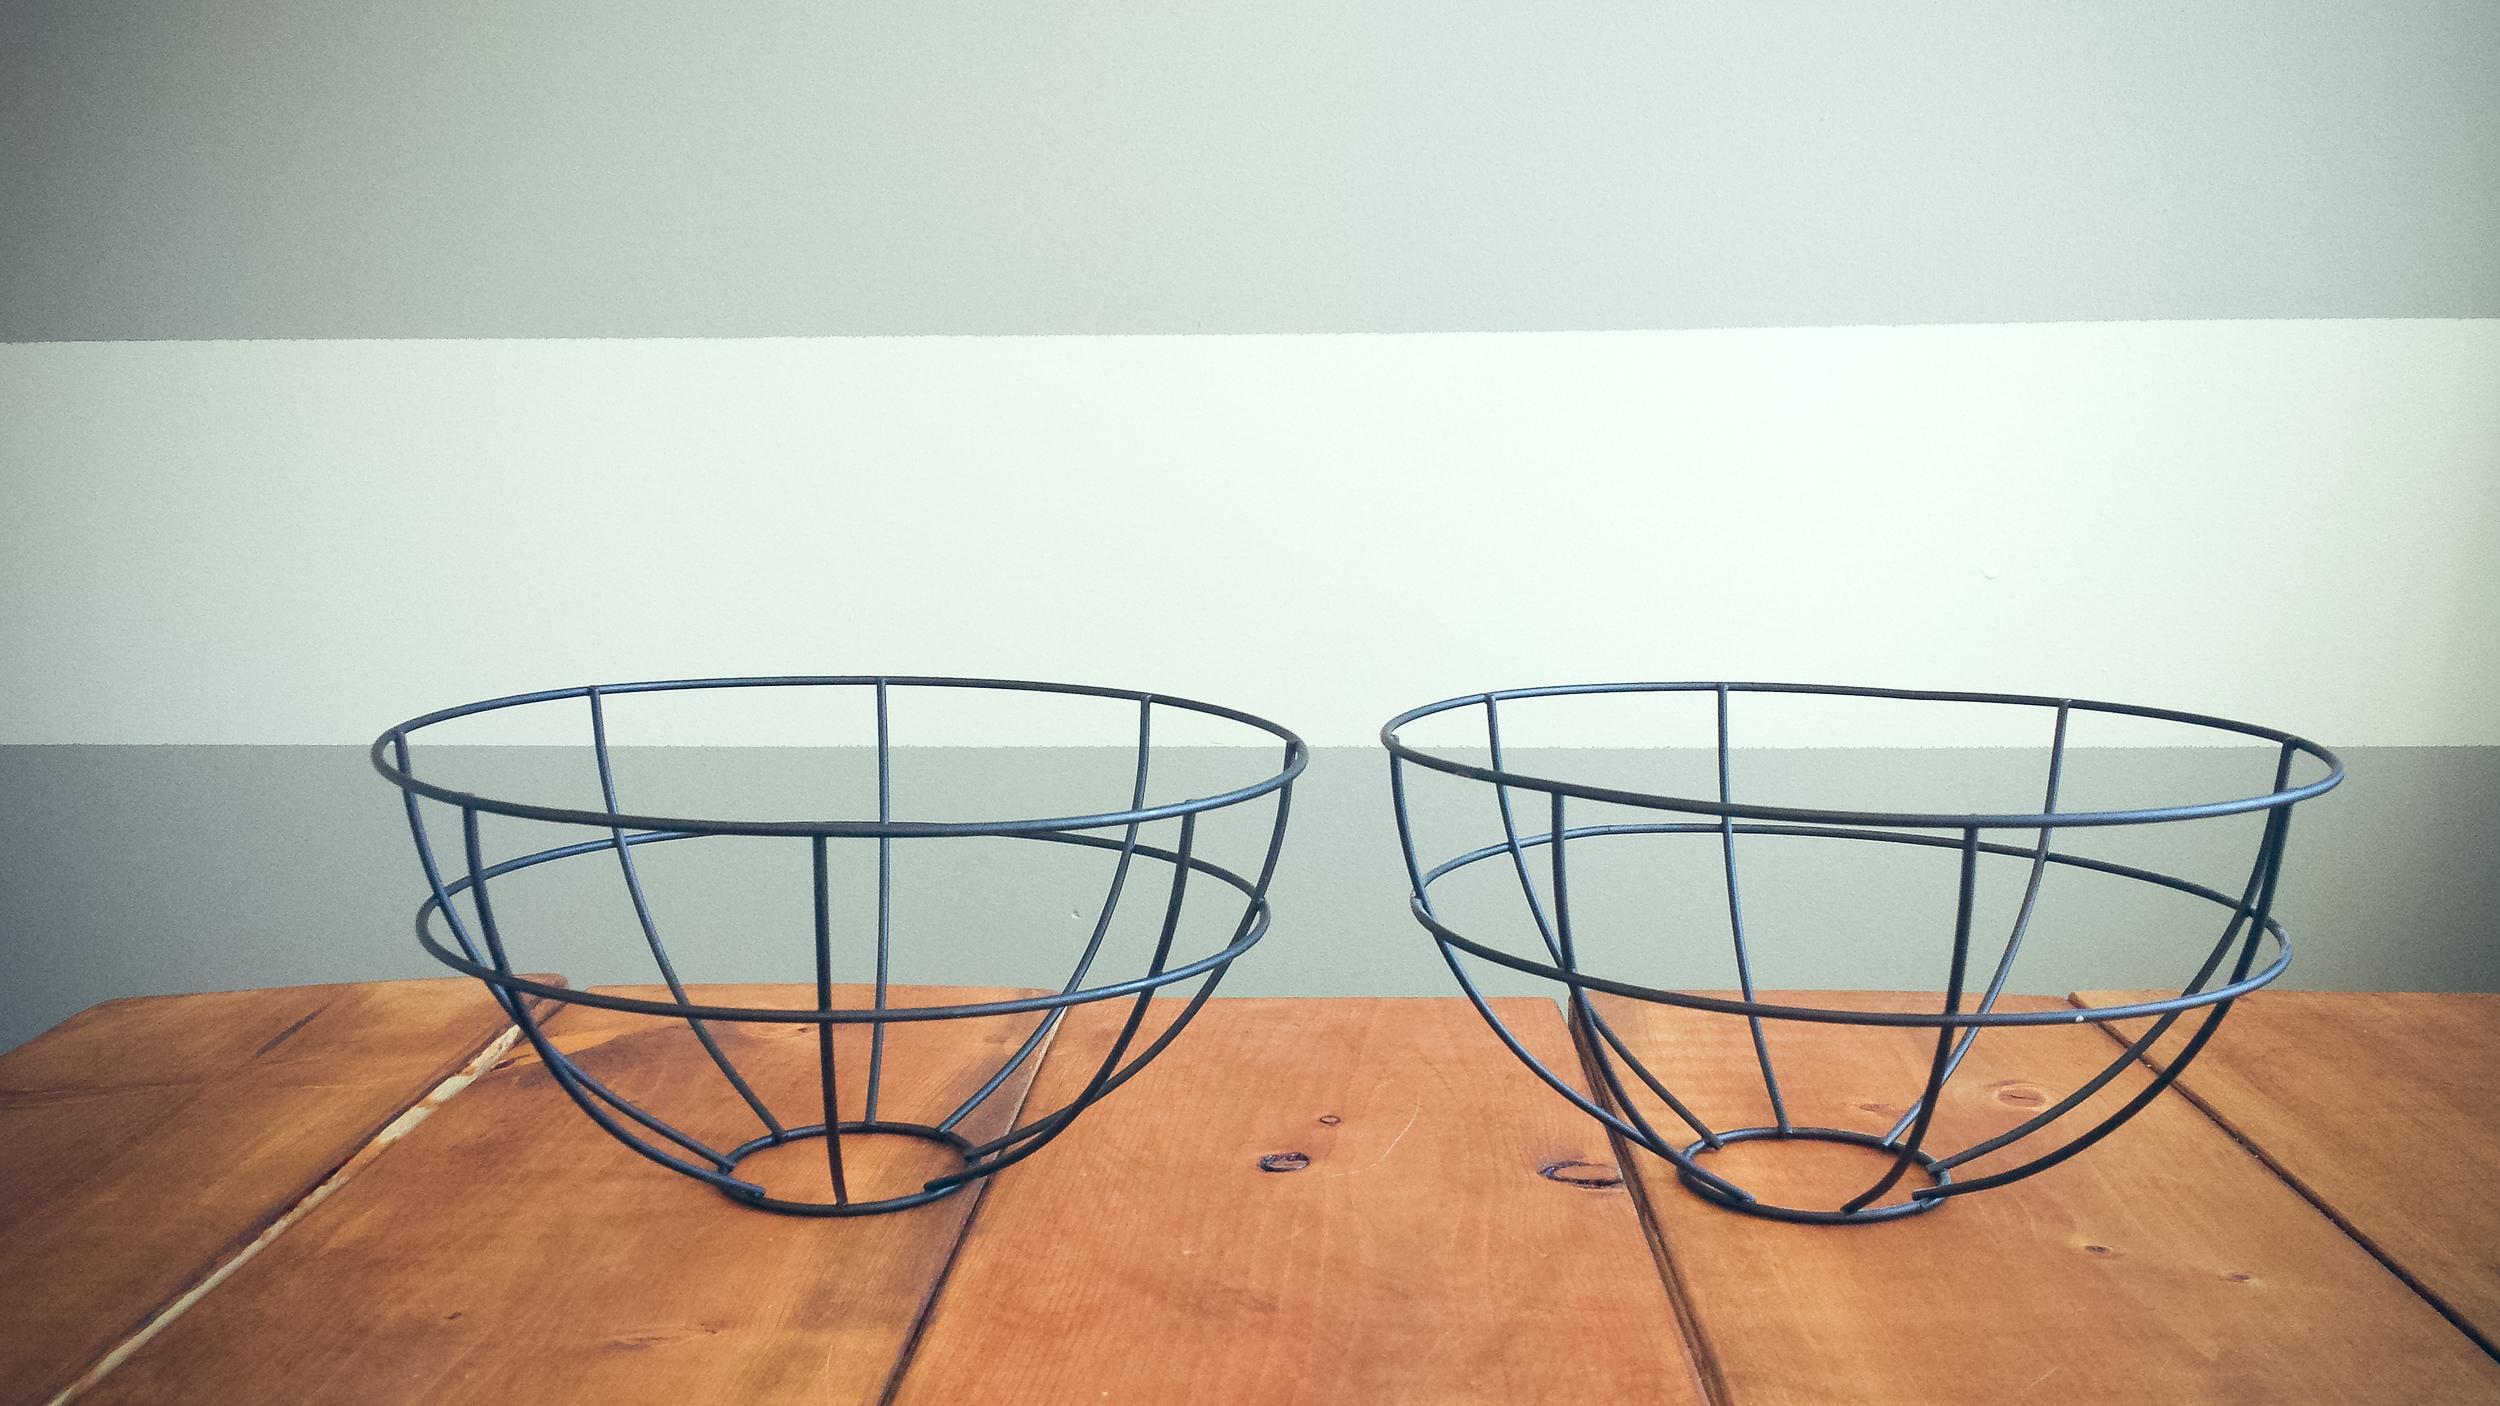 2 Hanging Flower Baskets